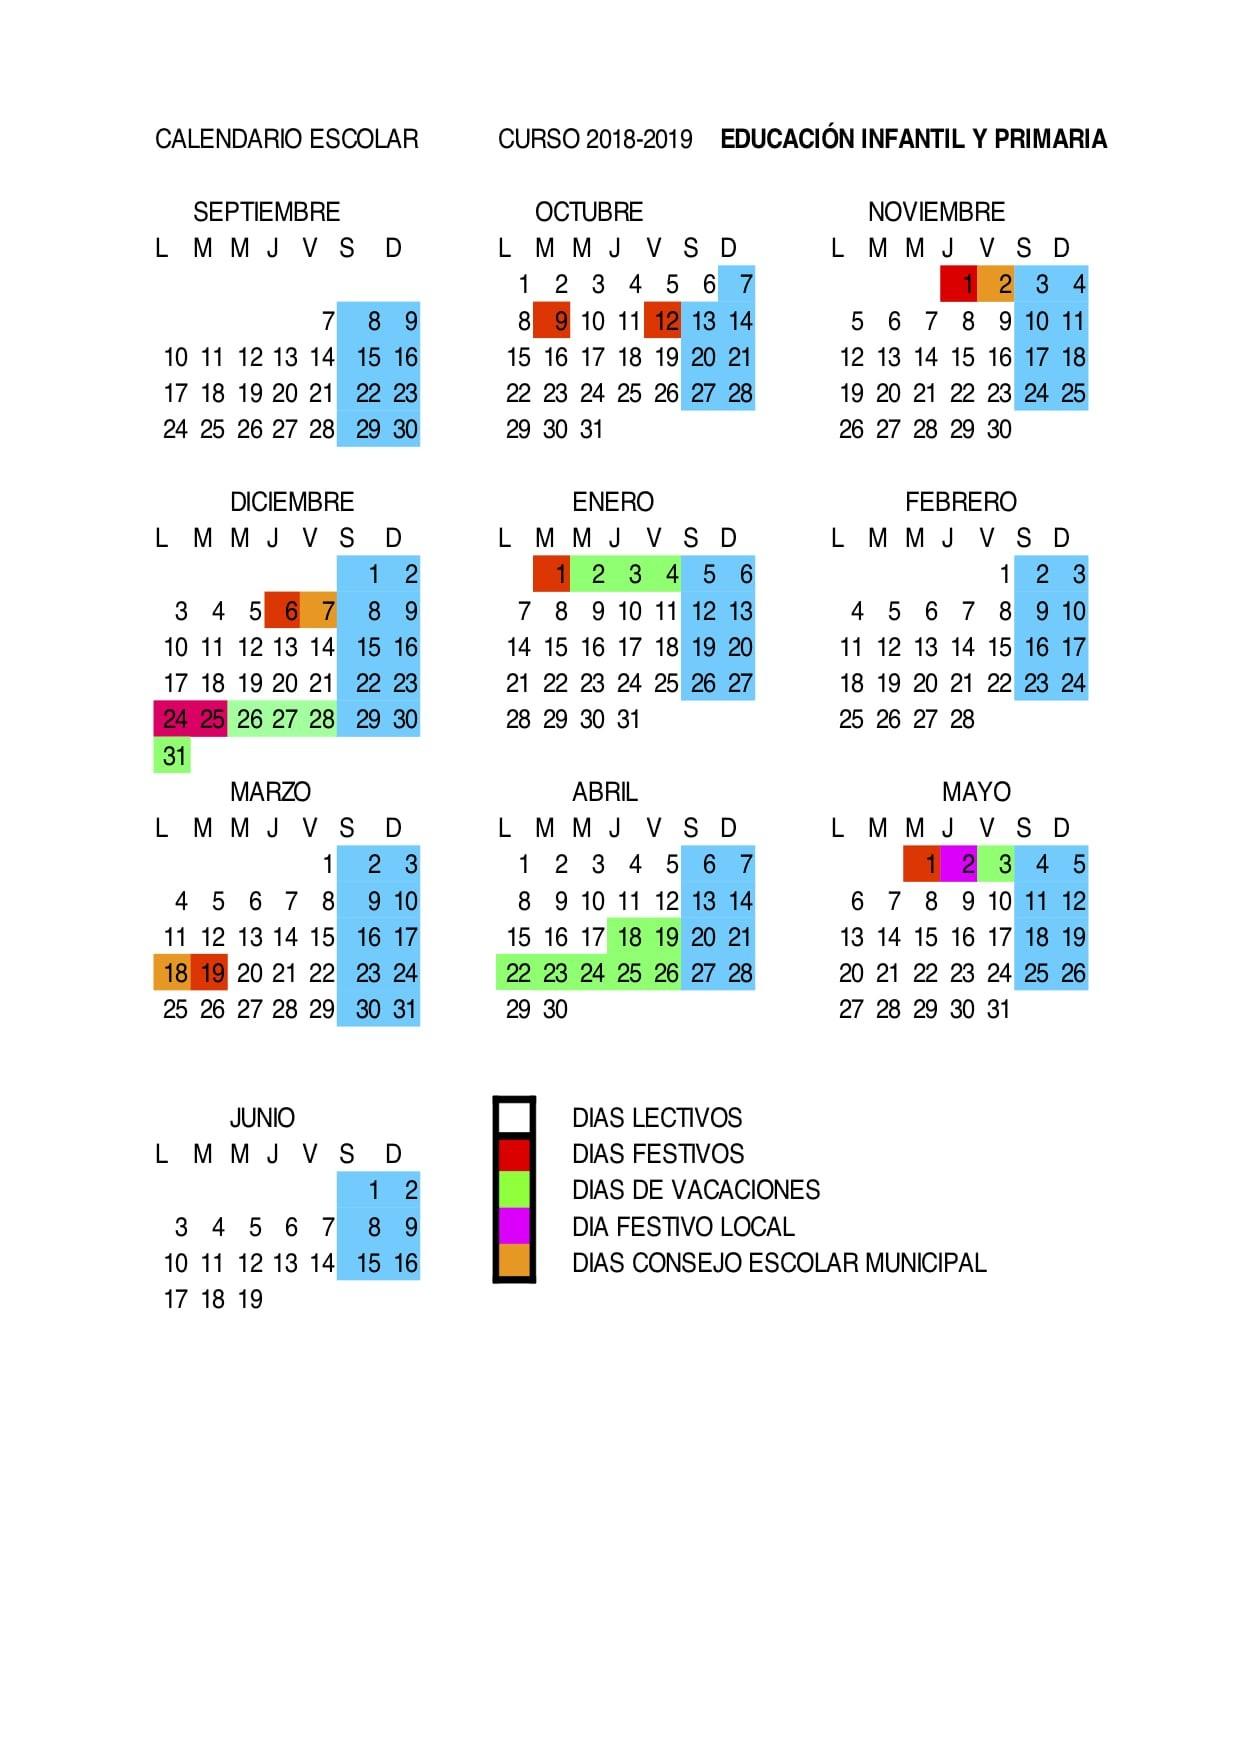 Calendario 2019 Barcelona Festivos Más Reciente Calendario Escolar Curso 2018 19